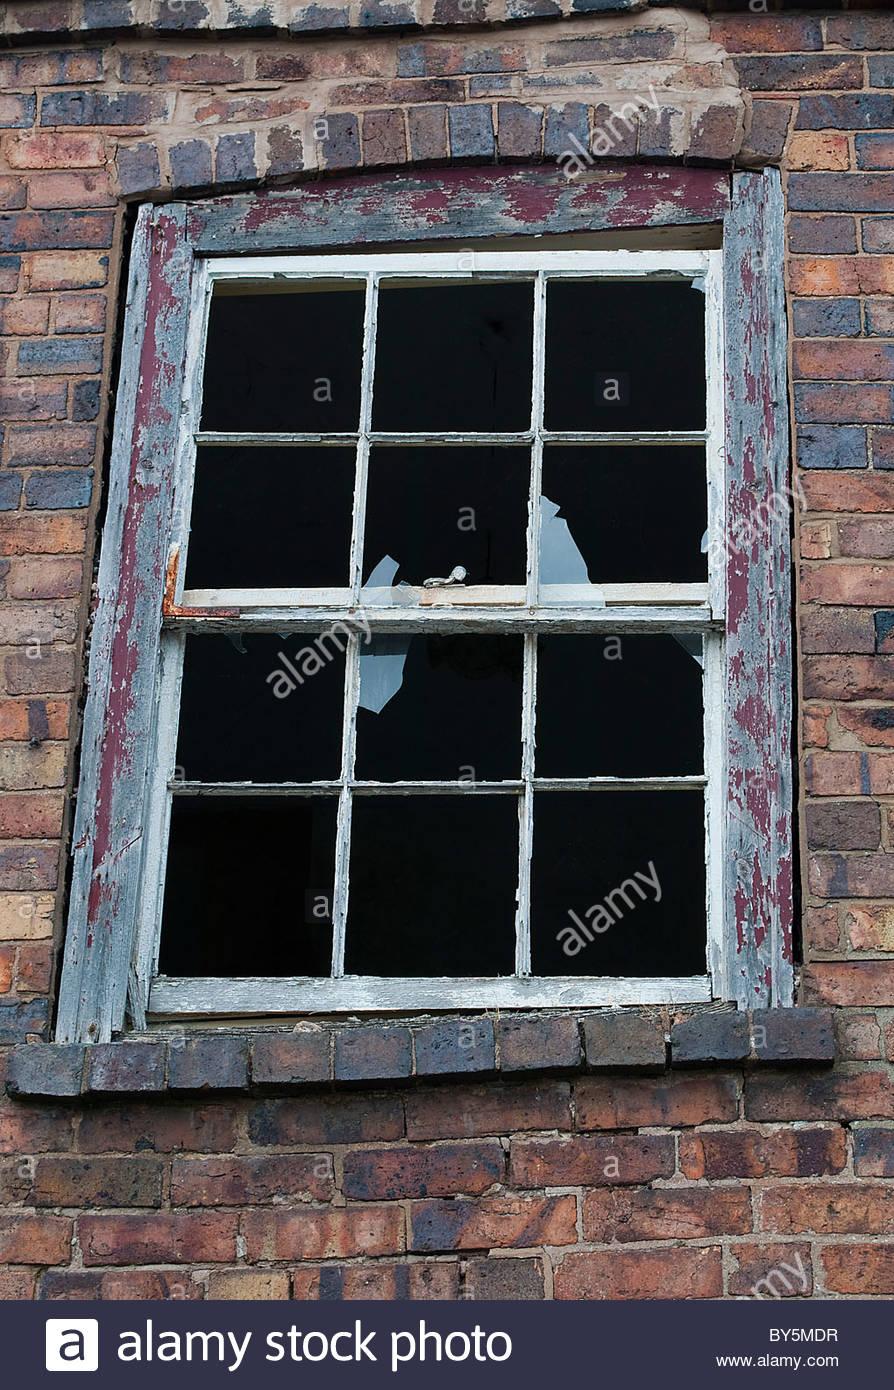 Alte Fensterrahmen mit Glasscherben und gebogenen Rahmen Stockfoto ...